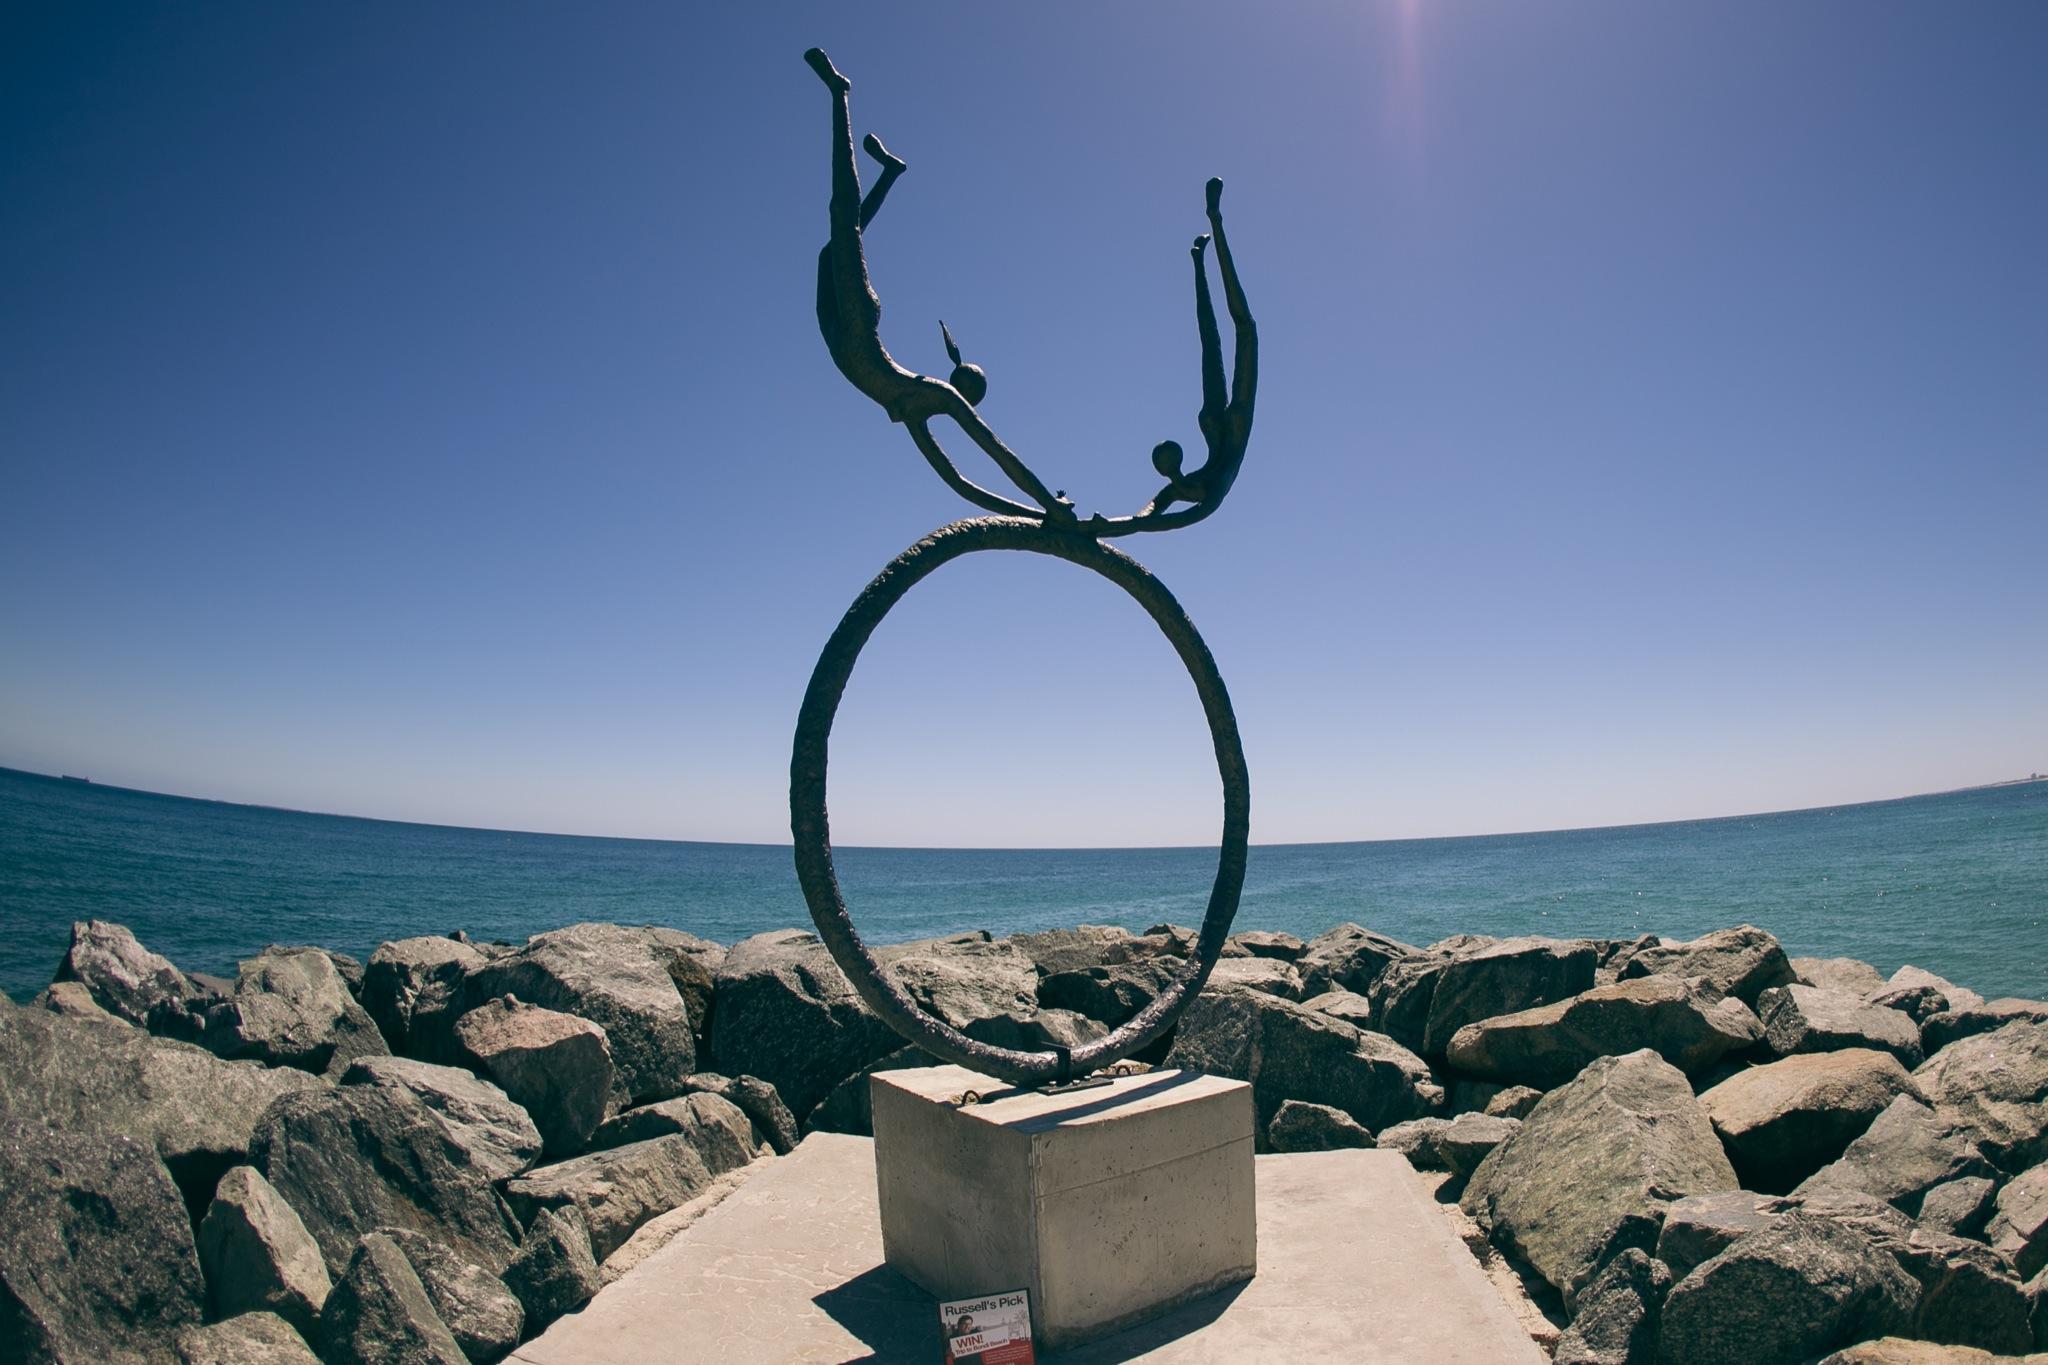 sculpturebythesea-42.jpg